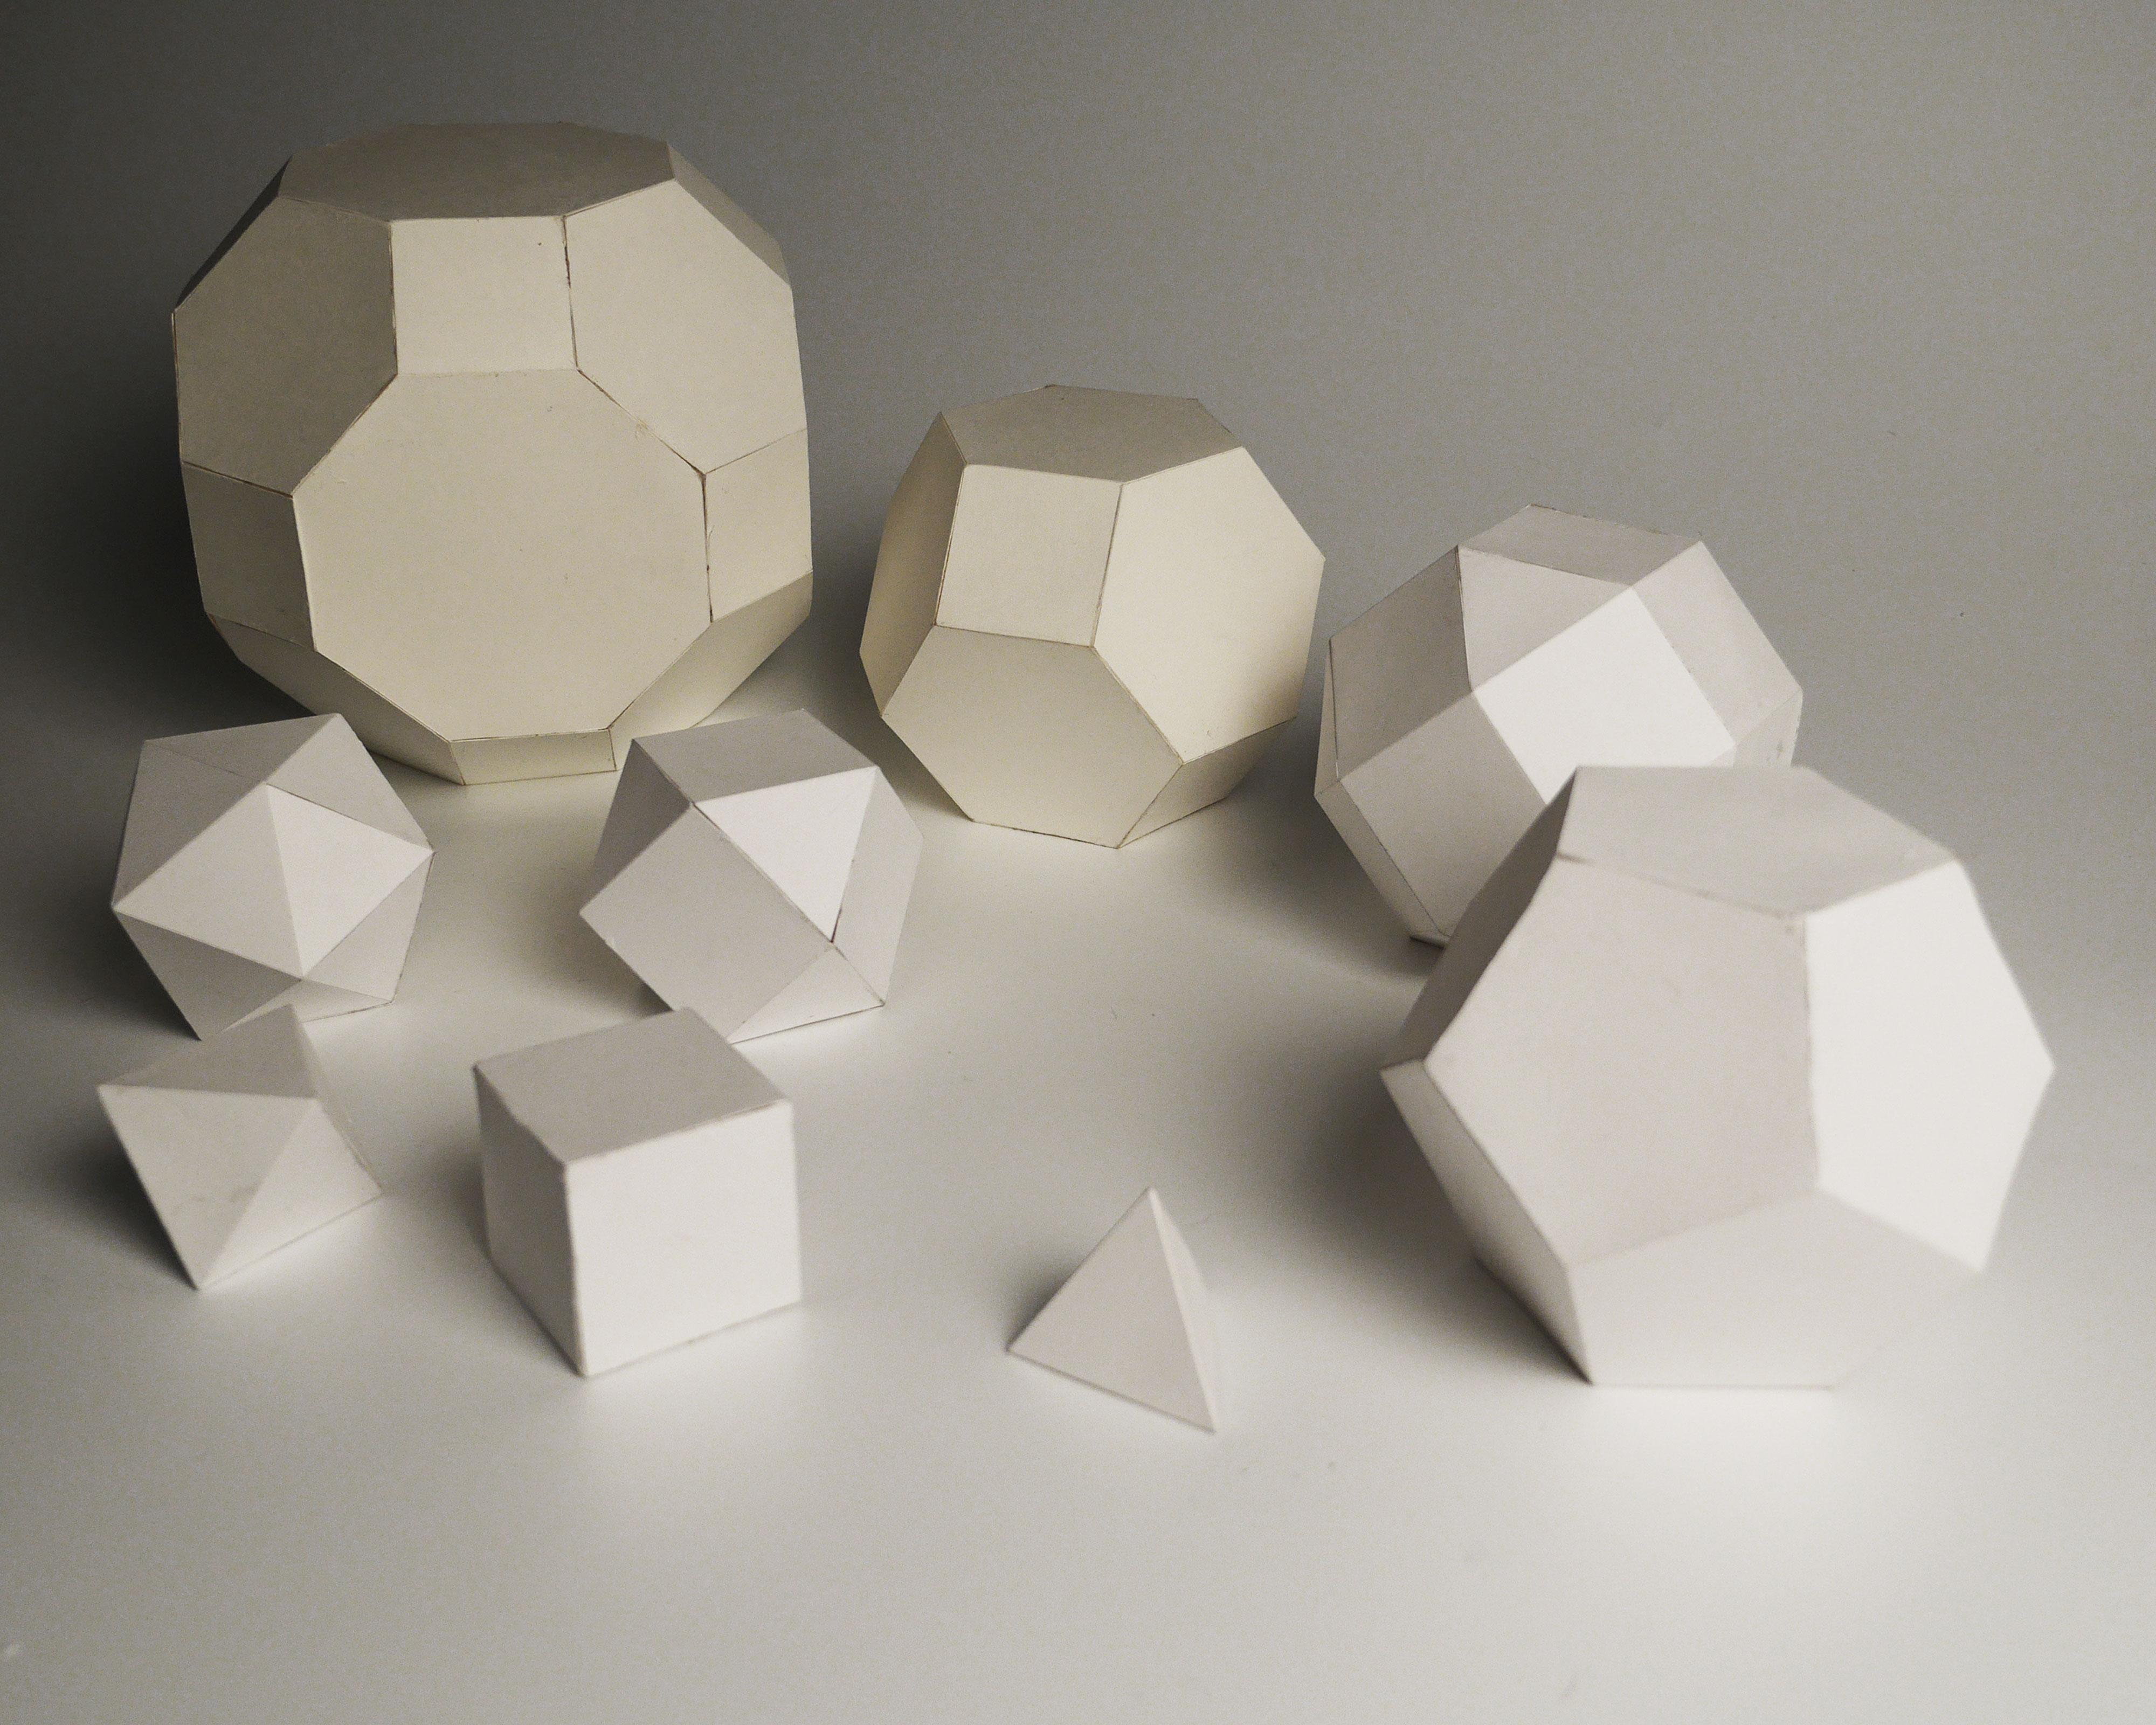 design | problems in 3d design i form & structure